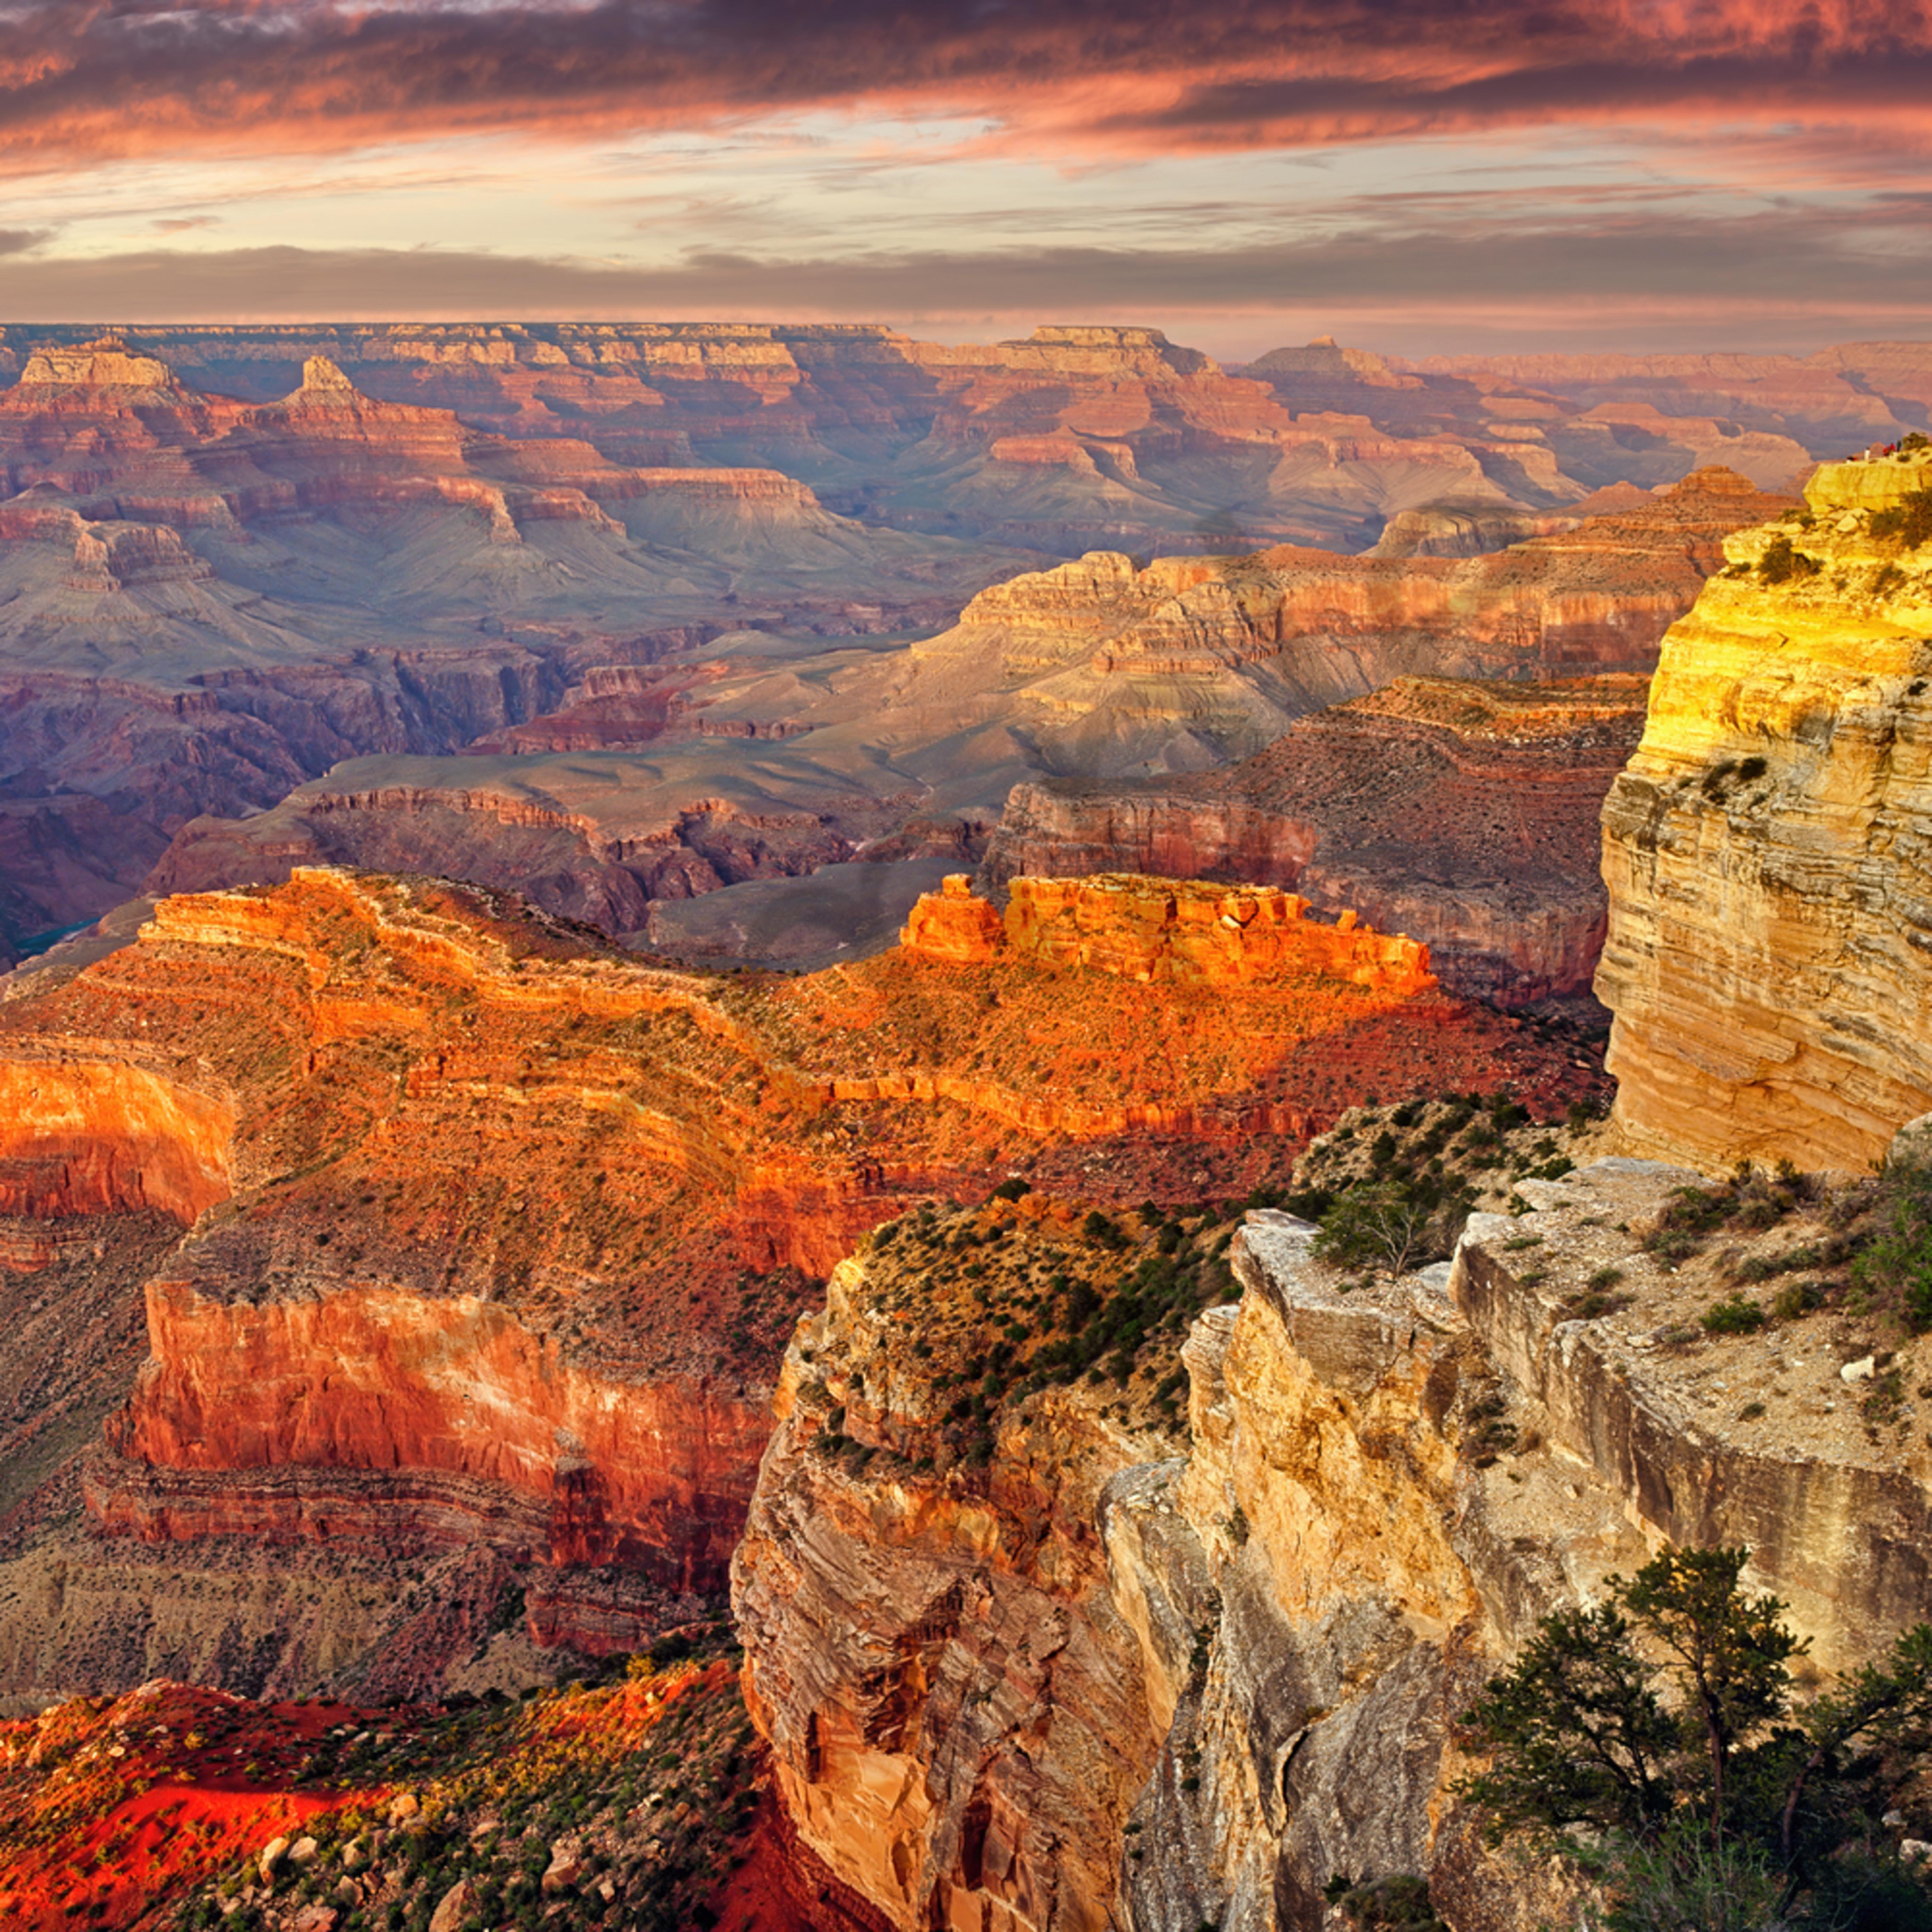 Hopi point south rim grand canyon arizona a30wzn